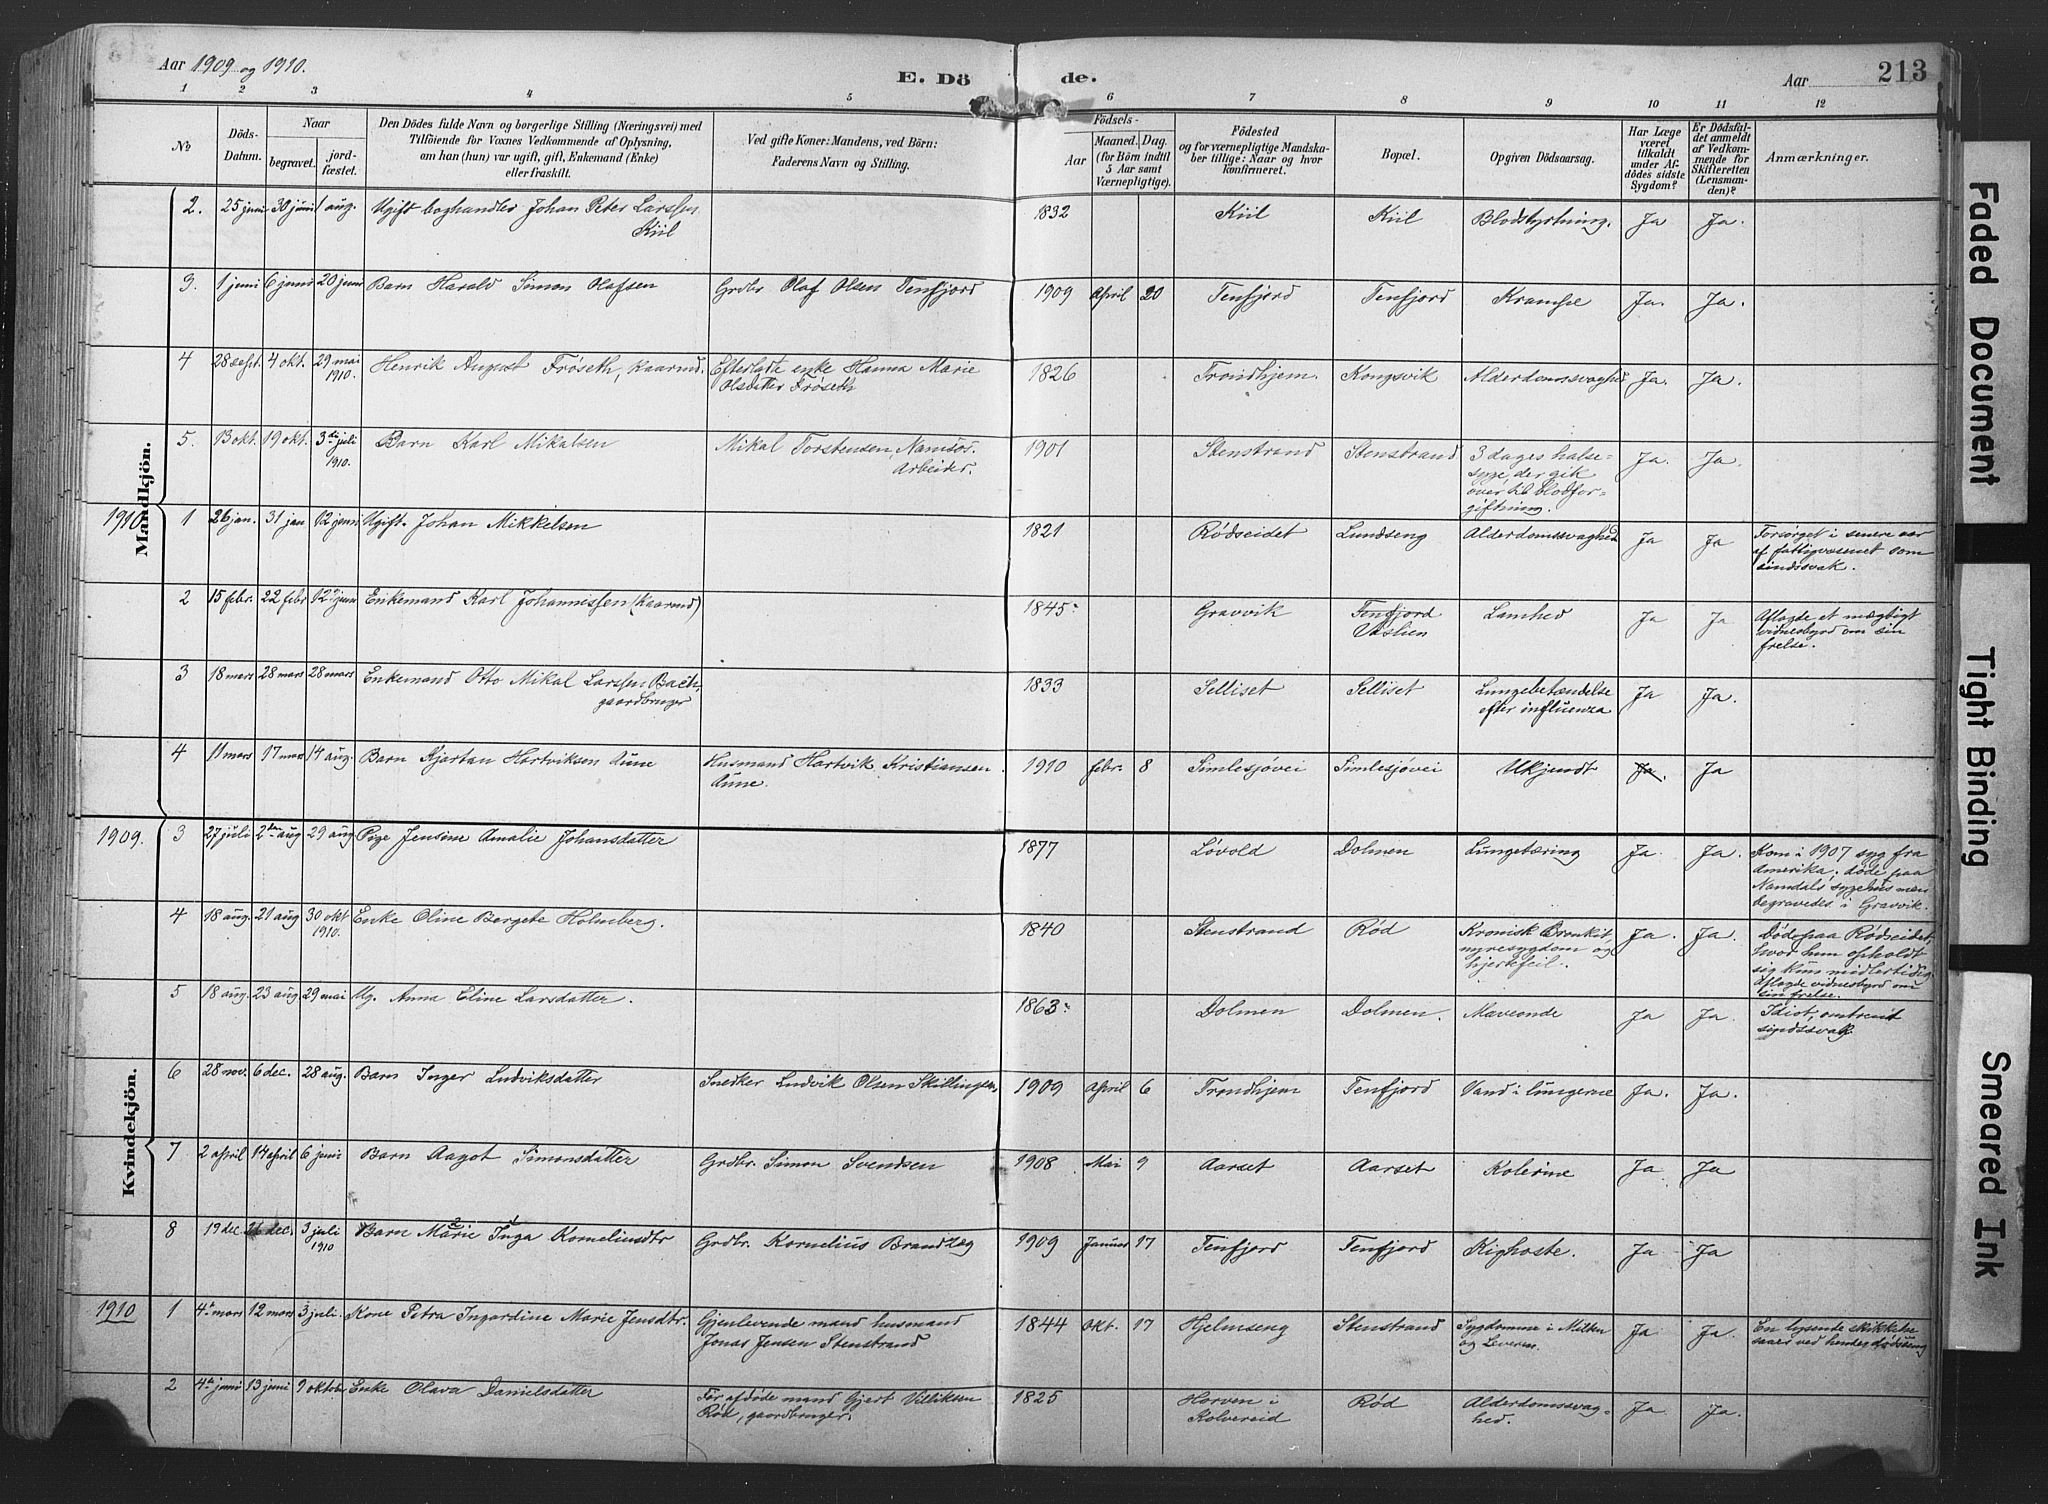 SAT, Ministerialprotokoller, klokkerbøker og fødselsregistre - Nord-Trøndelag, 789/L0706: Klokkerbok nr. 789C01, 1888-1931, s. 213